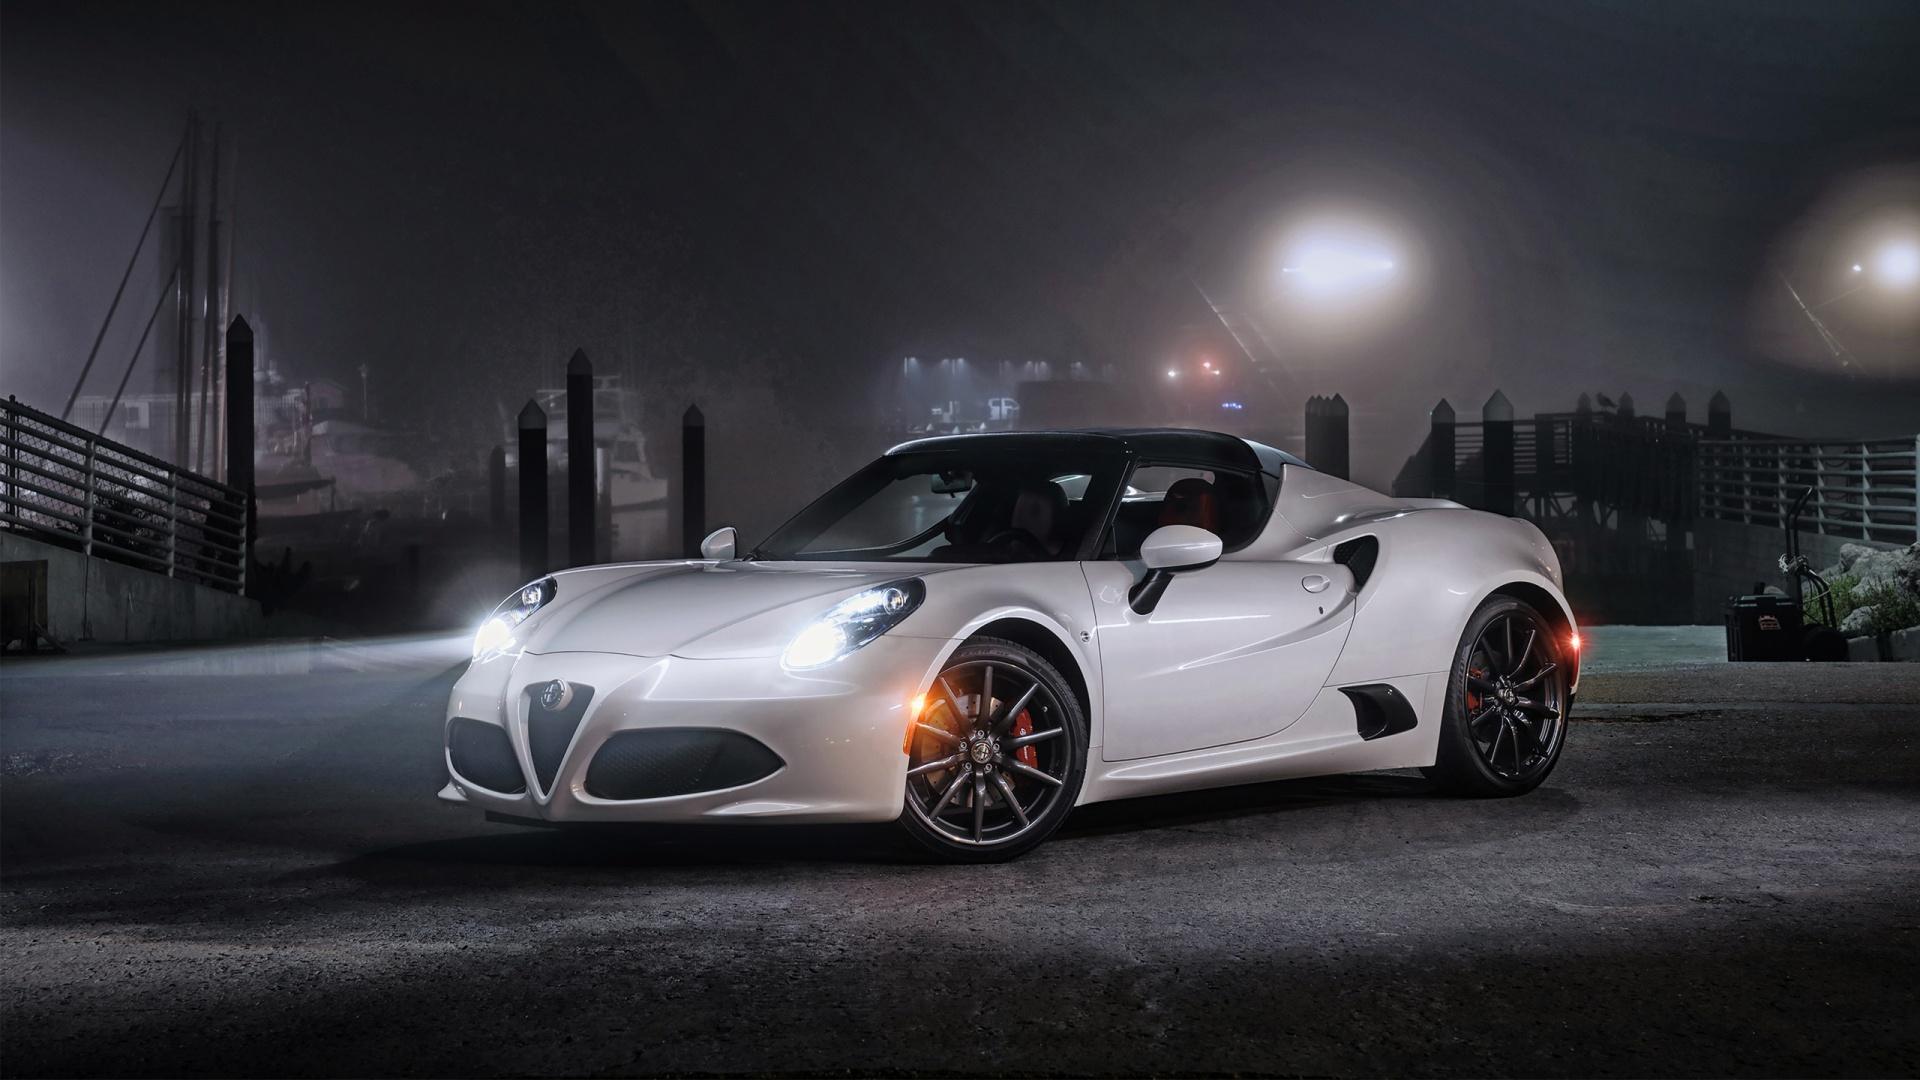 Racing Car Hd Wallpaper Free Download Alfa Romeo 4c 2015 Spider Hd Desktop Wallpapers 4k Hd